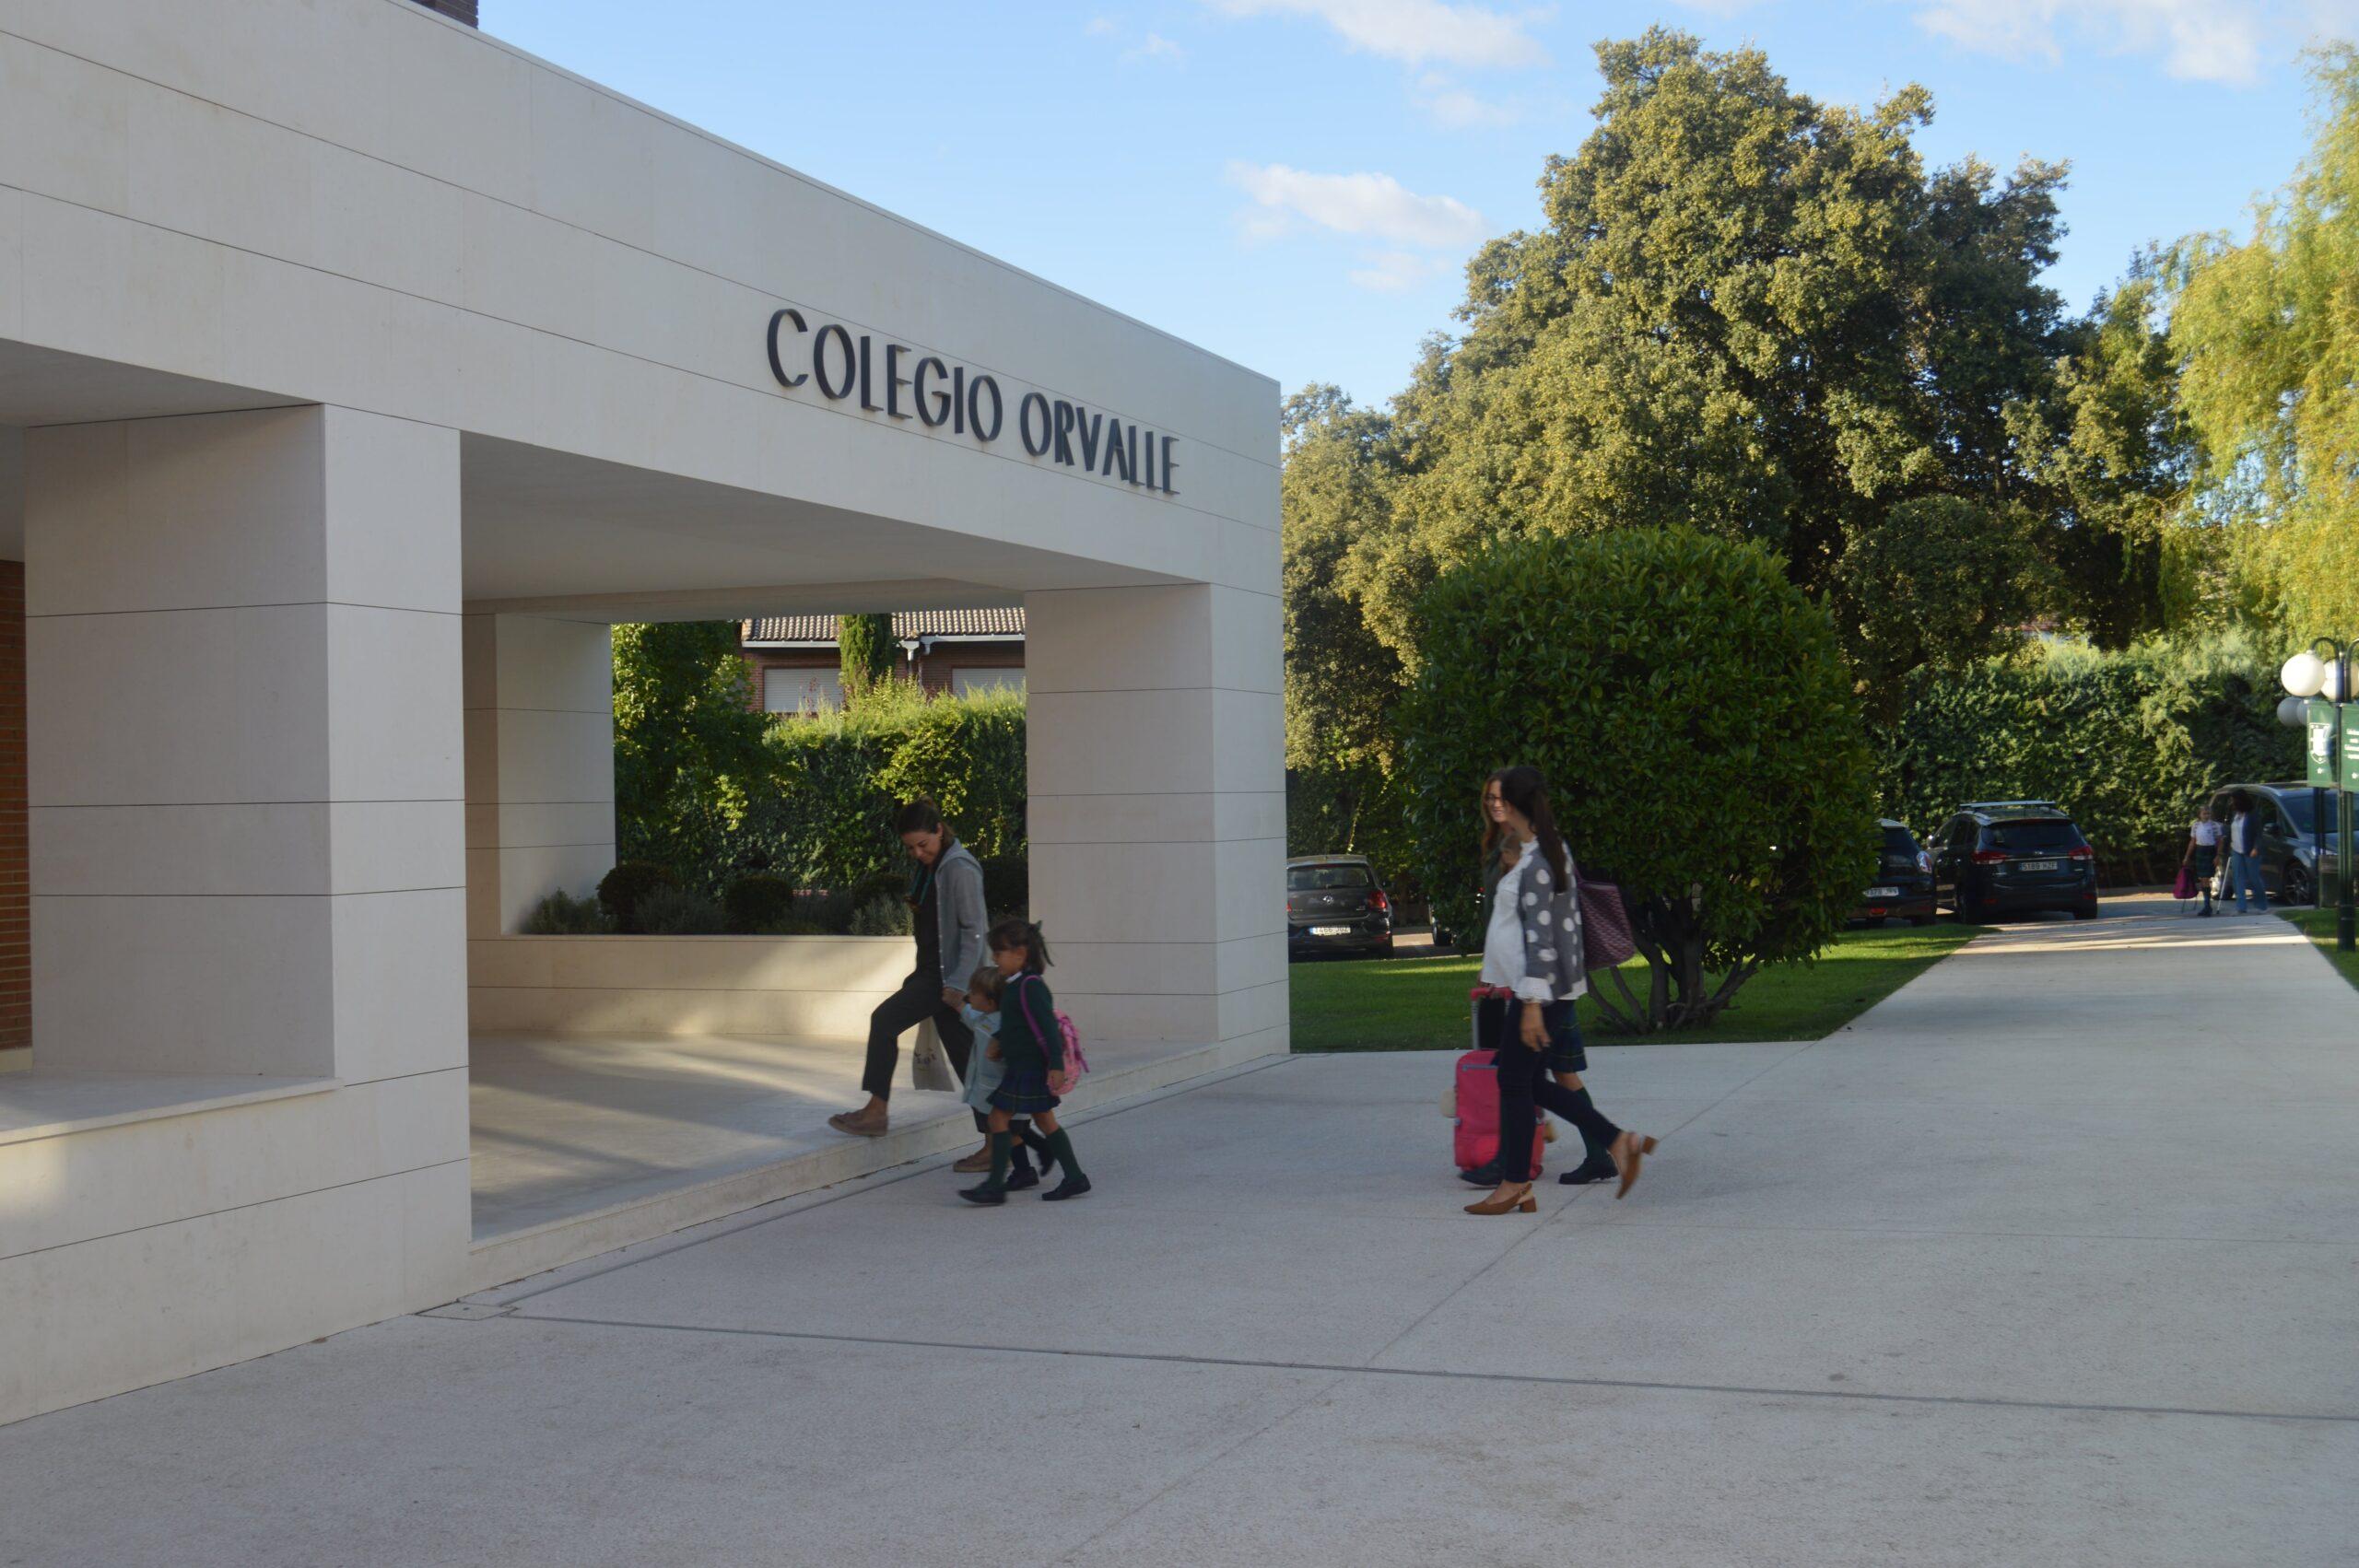 Varias familias entrando al Colegio Orvalle